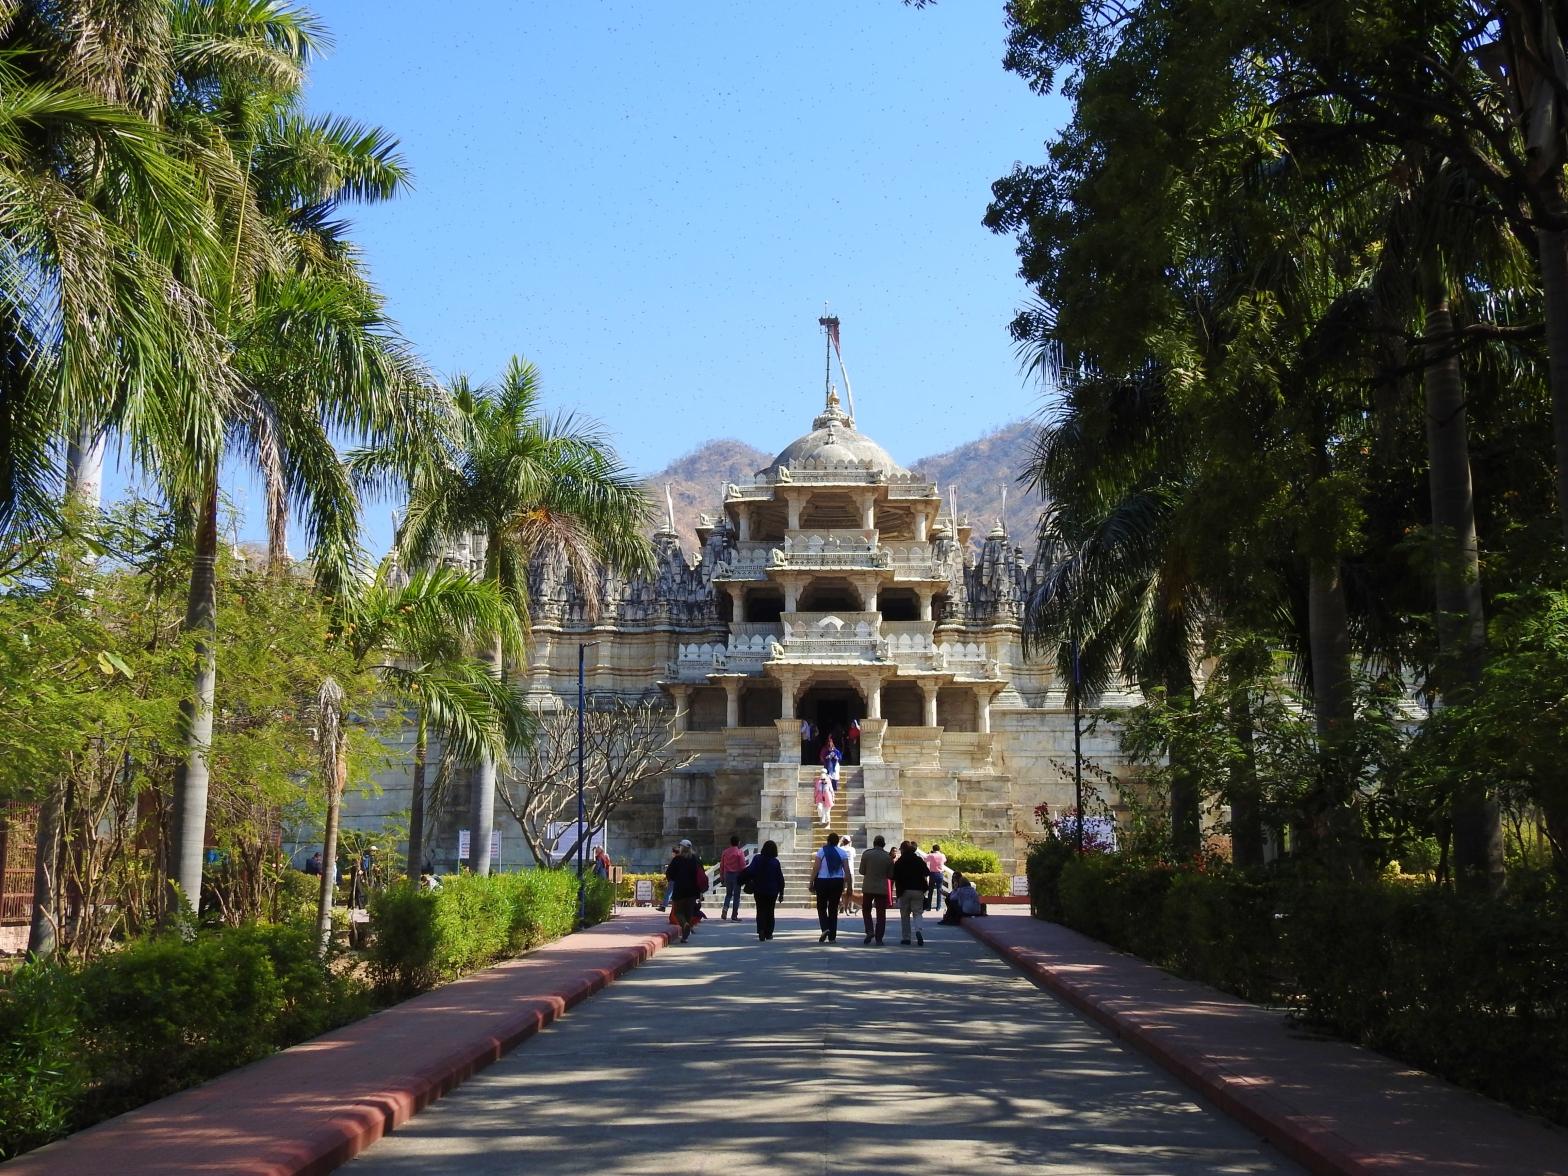 ranakpur jain temple, ranakpur, rajasthan, india